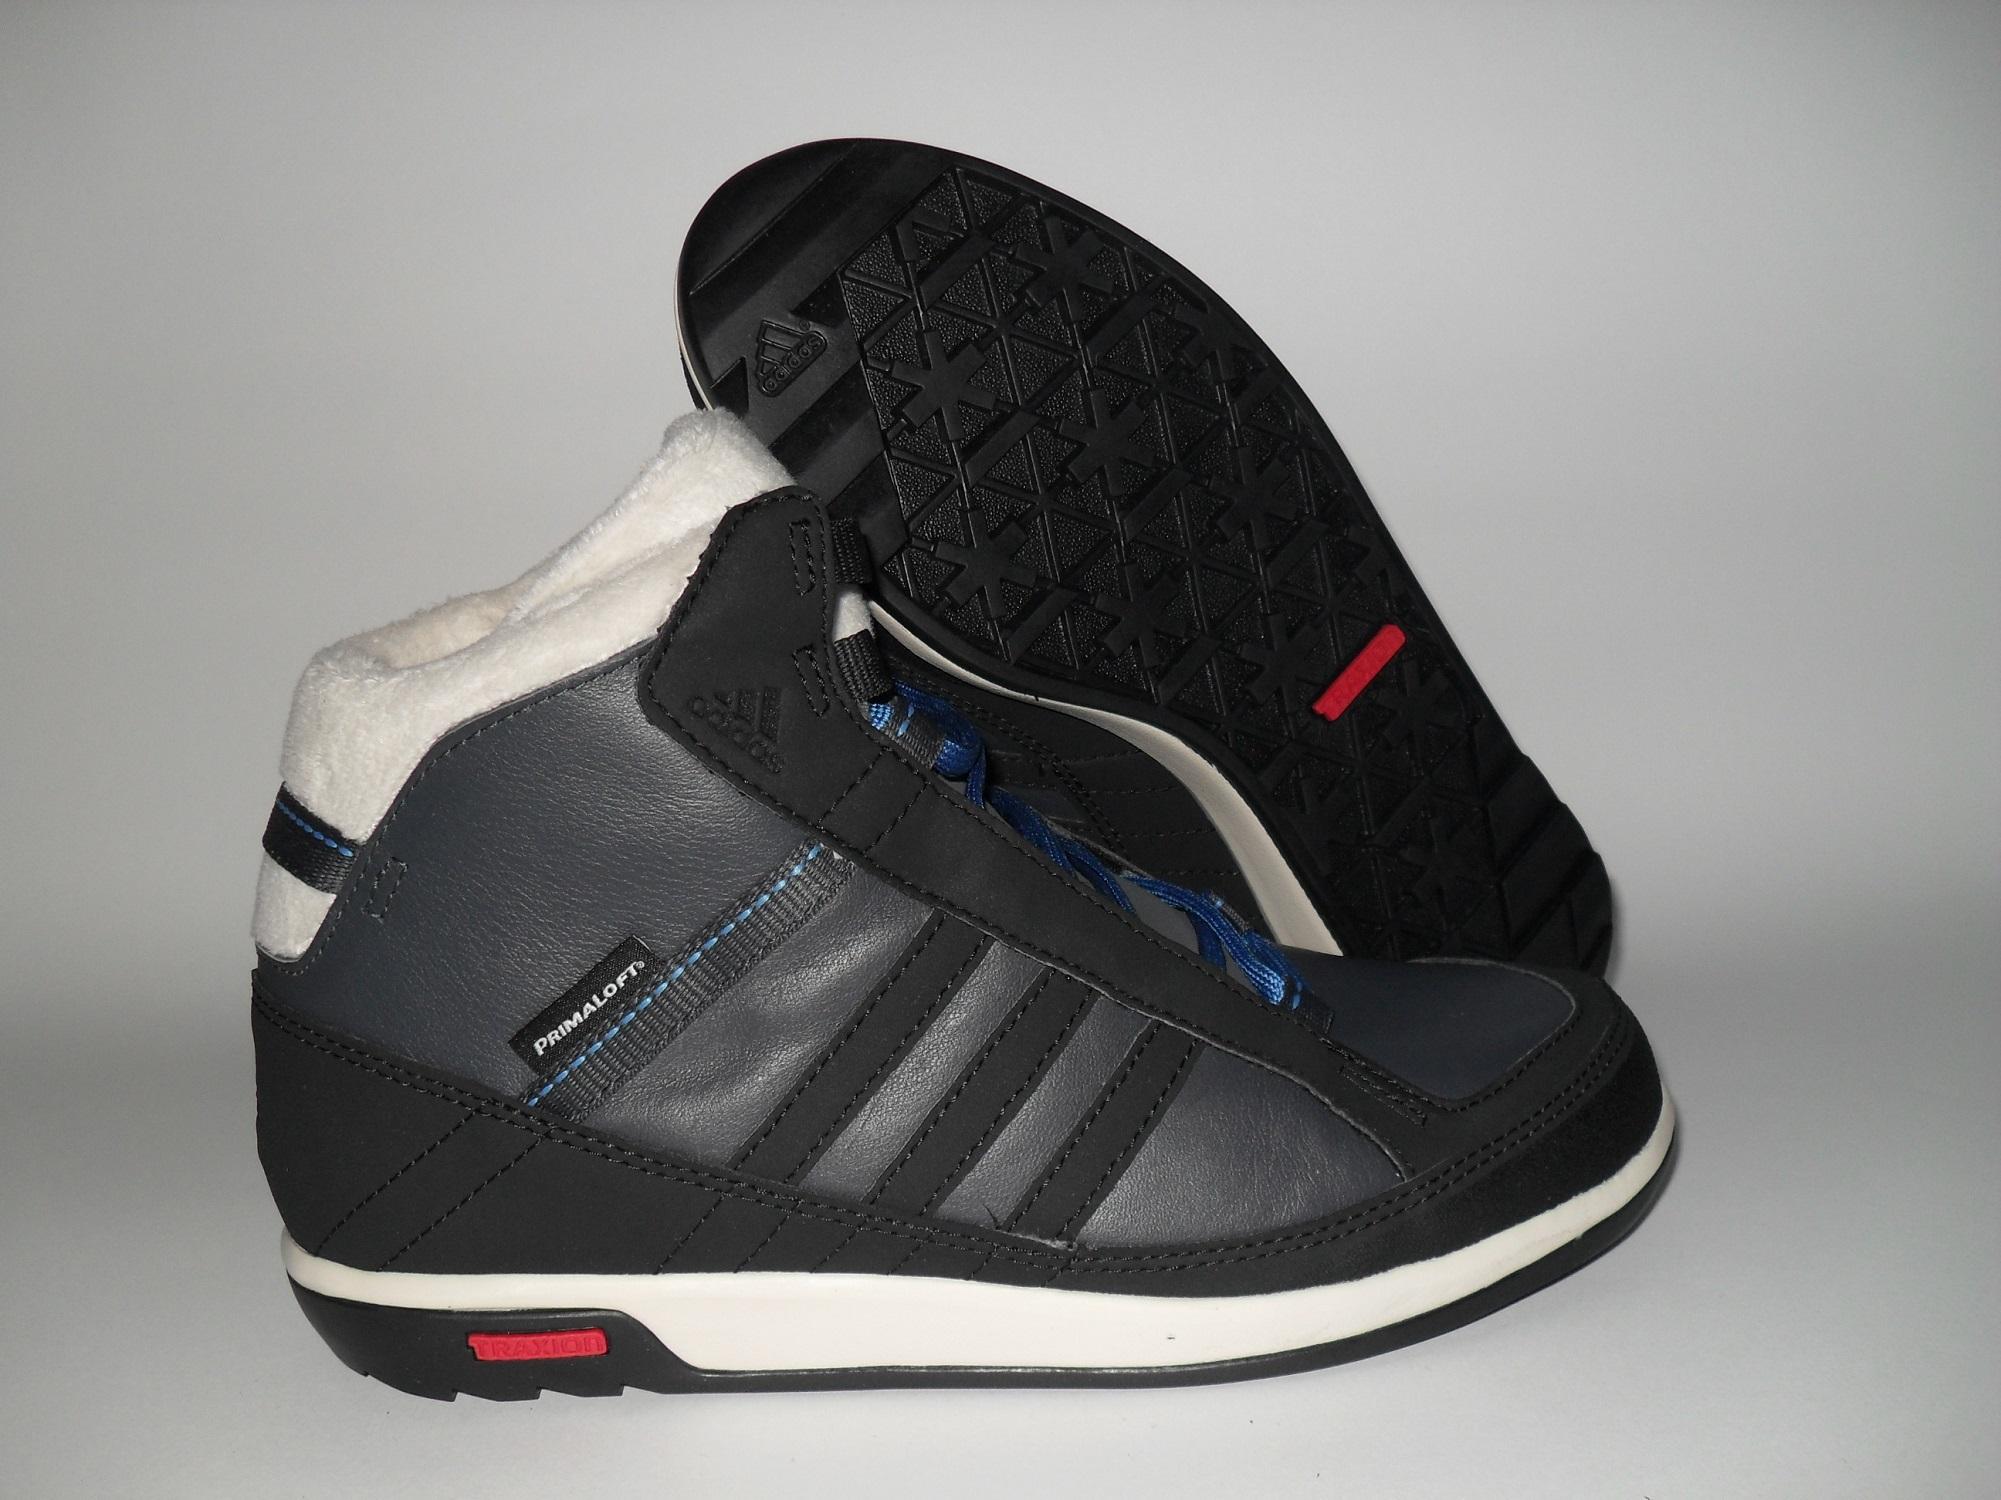 adidas buty na zime damskie